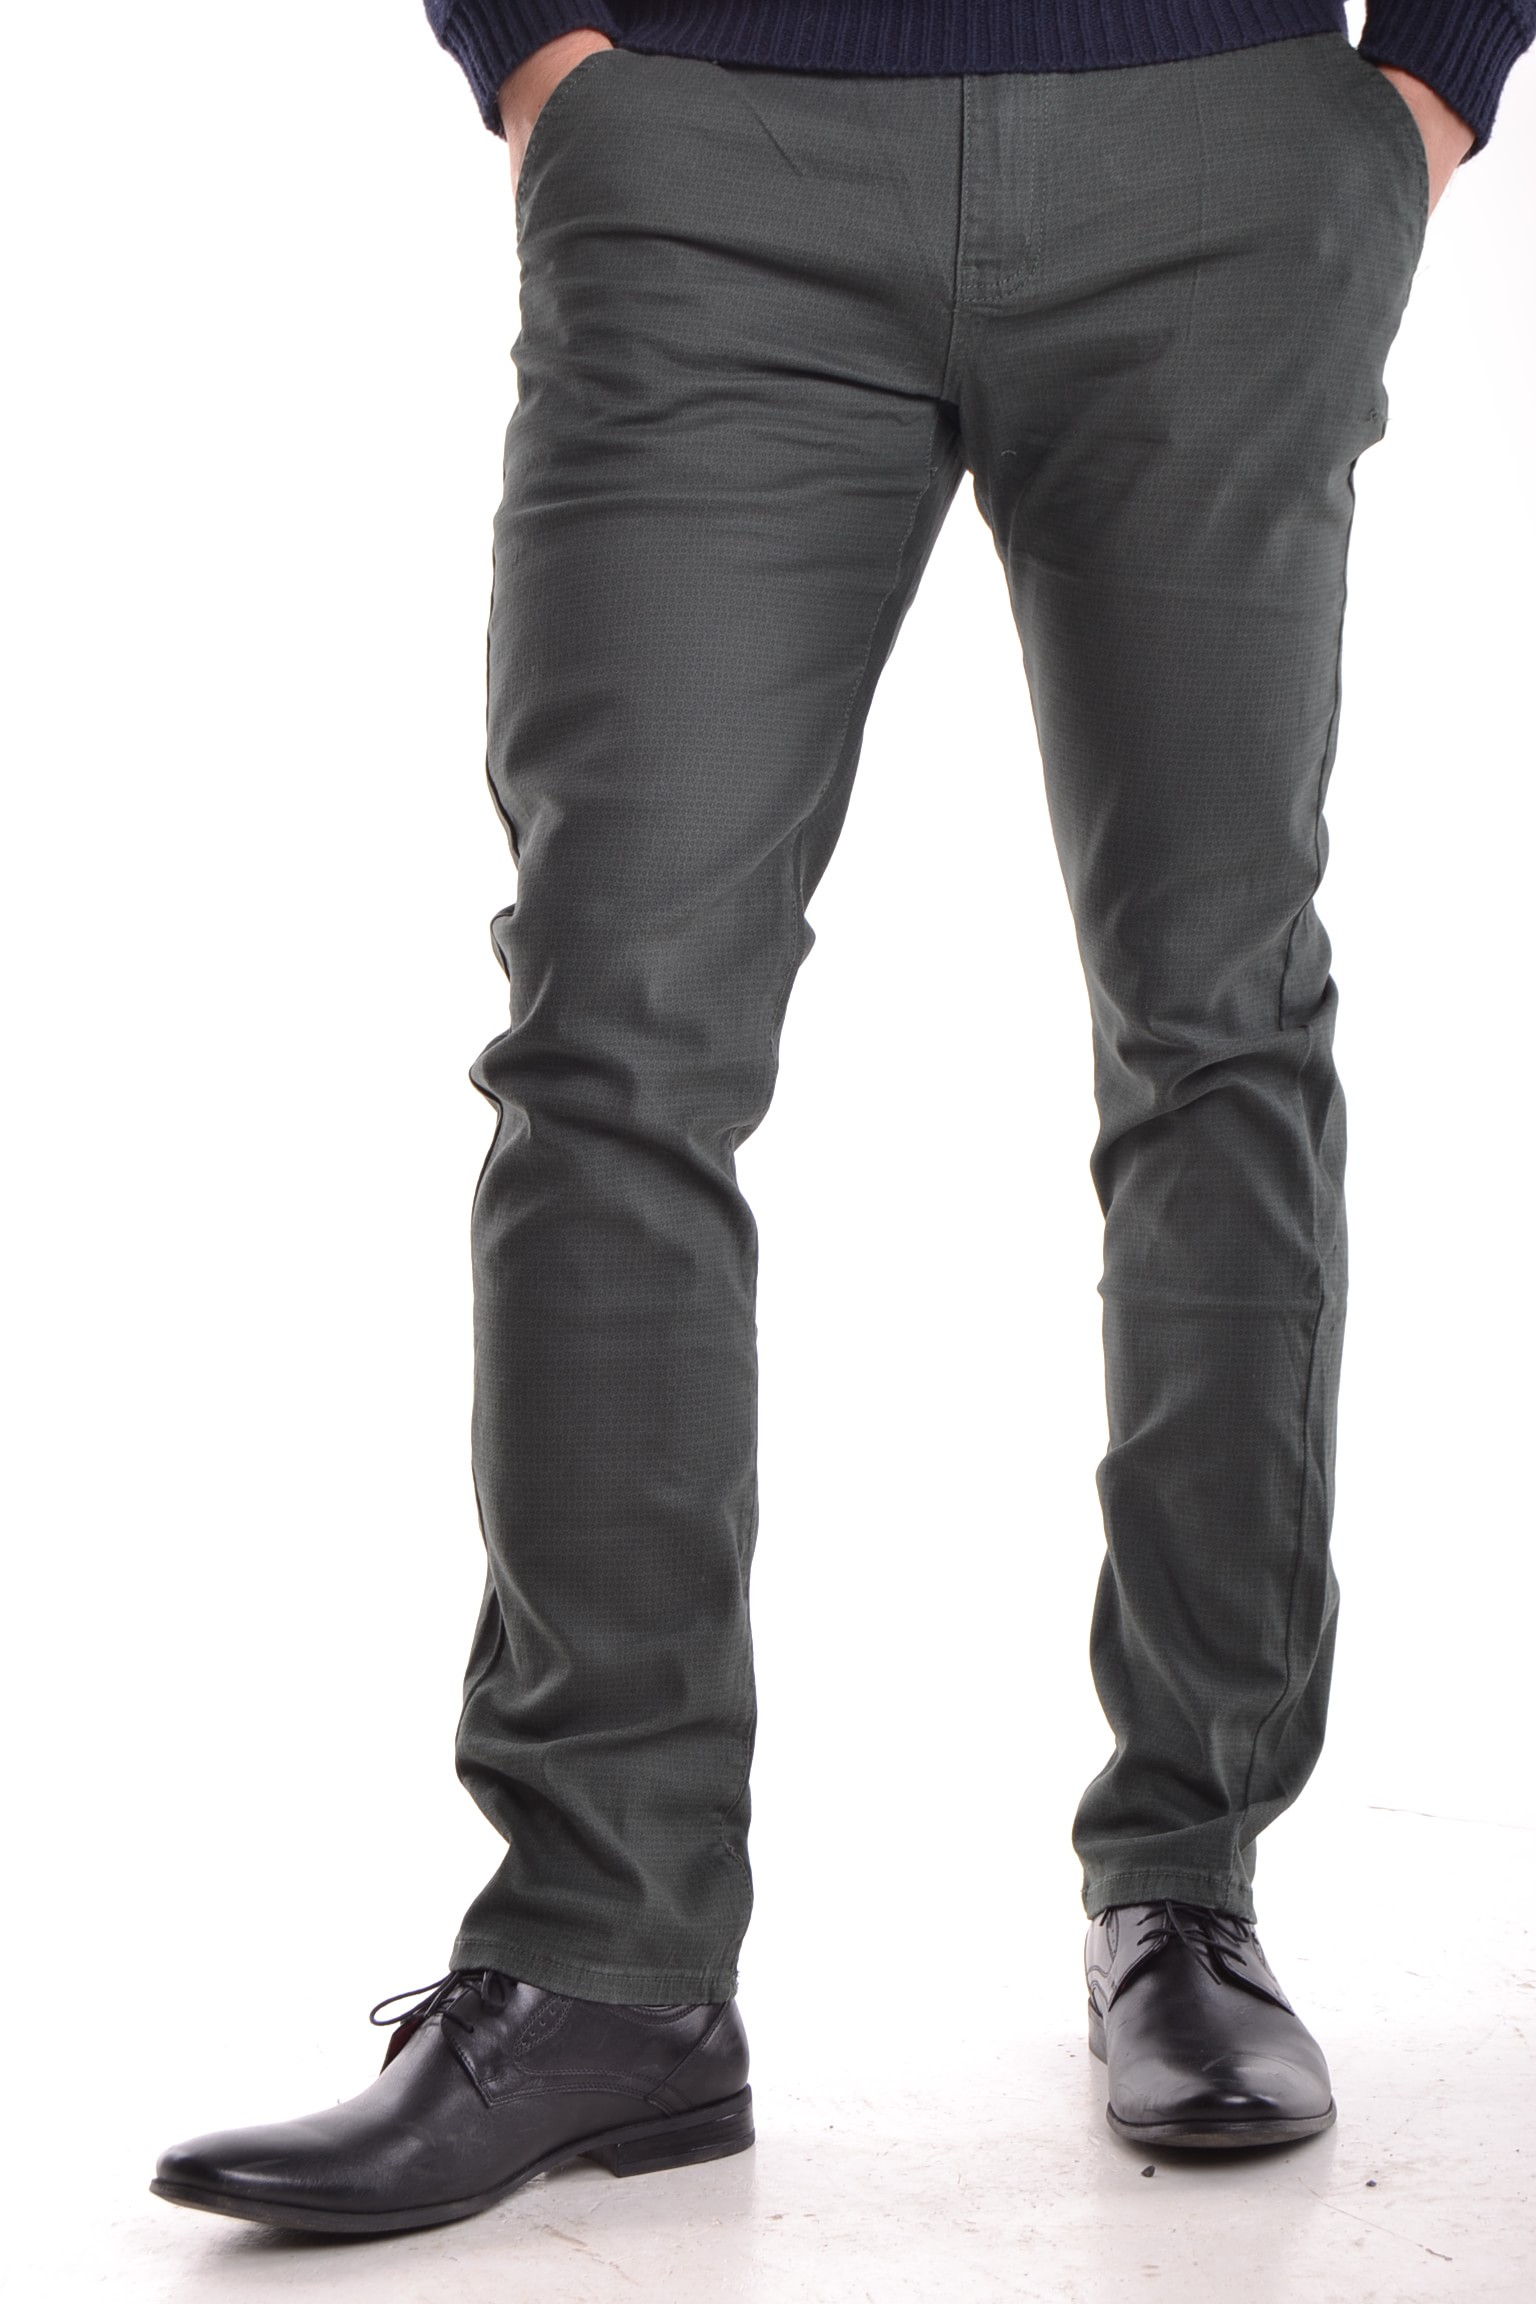 """Pánske elastické nohavice vzorované """"KA 9360-53"""" - zelené P69"""